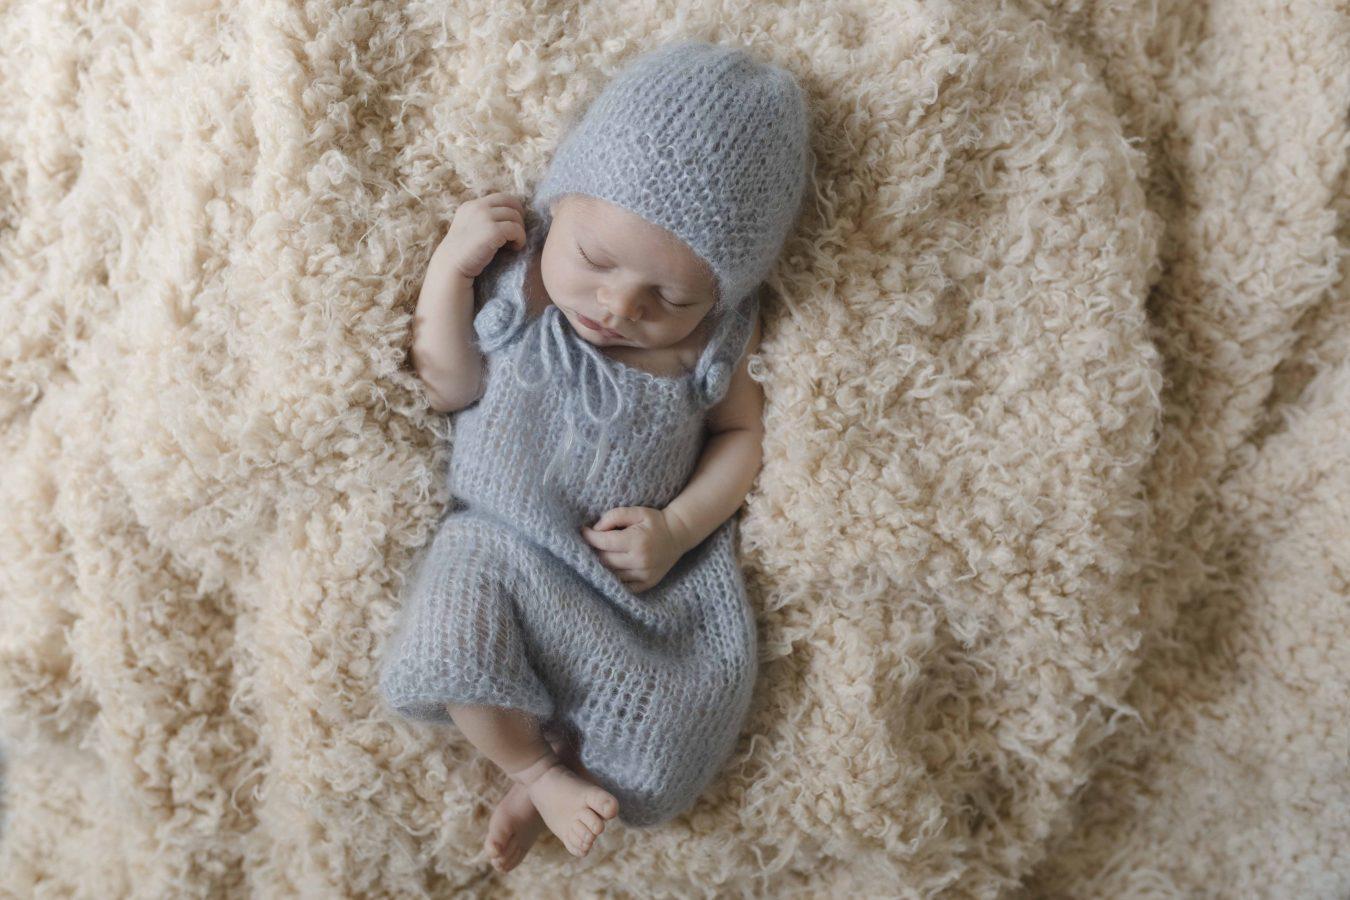 Neugeborenenshooting Hamburg - kleiner Junge schläft auf Plüschdecke